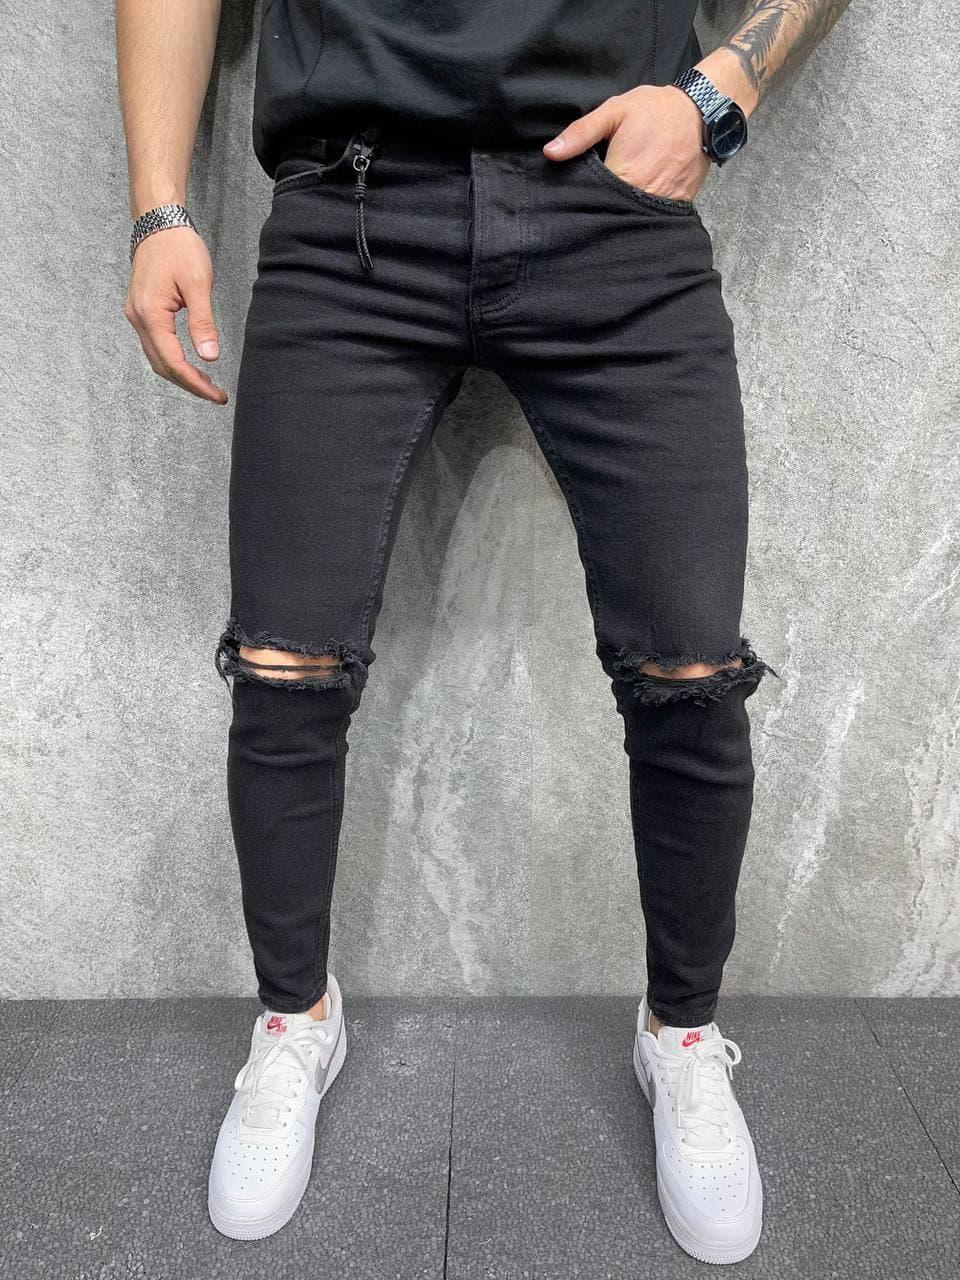 Чоловічі джинси завужені (чорні) молодіжні діряві якісні штани A6378